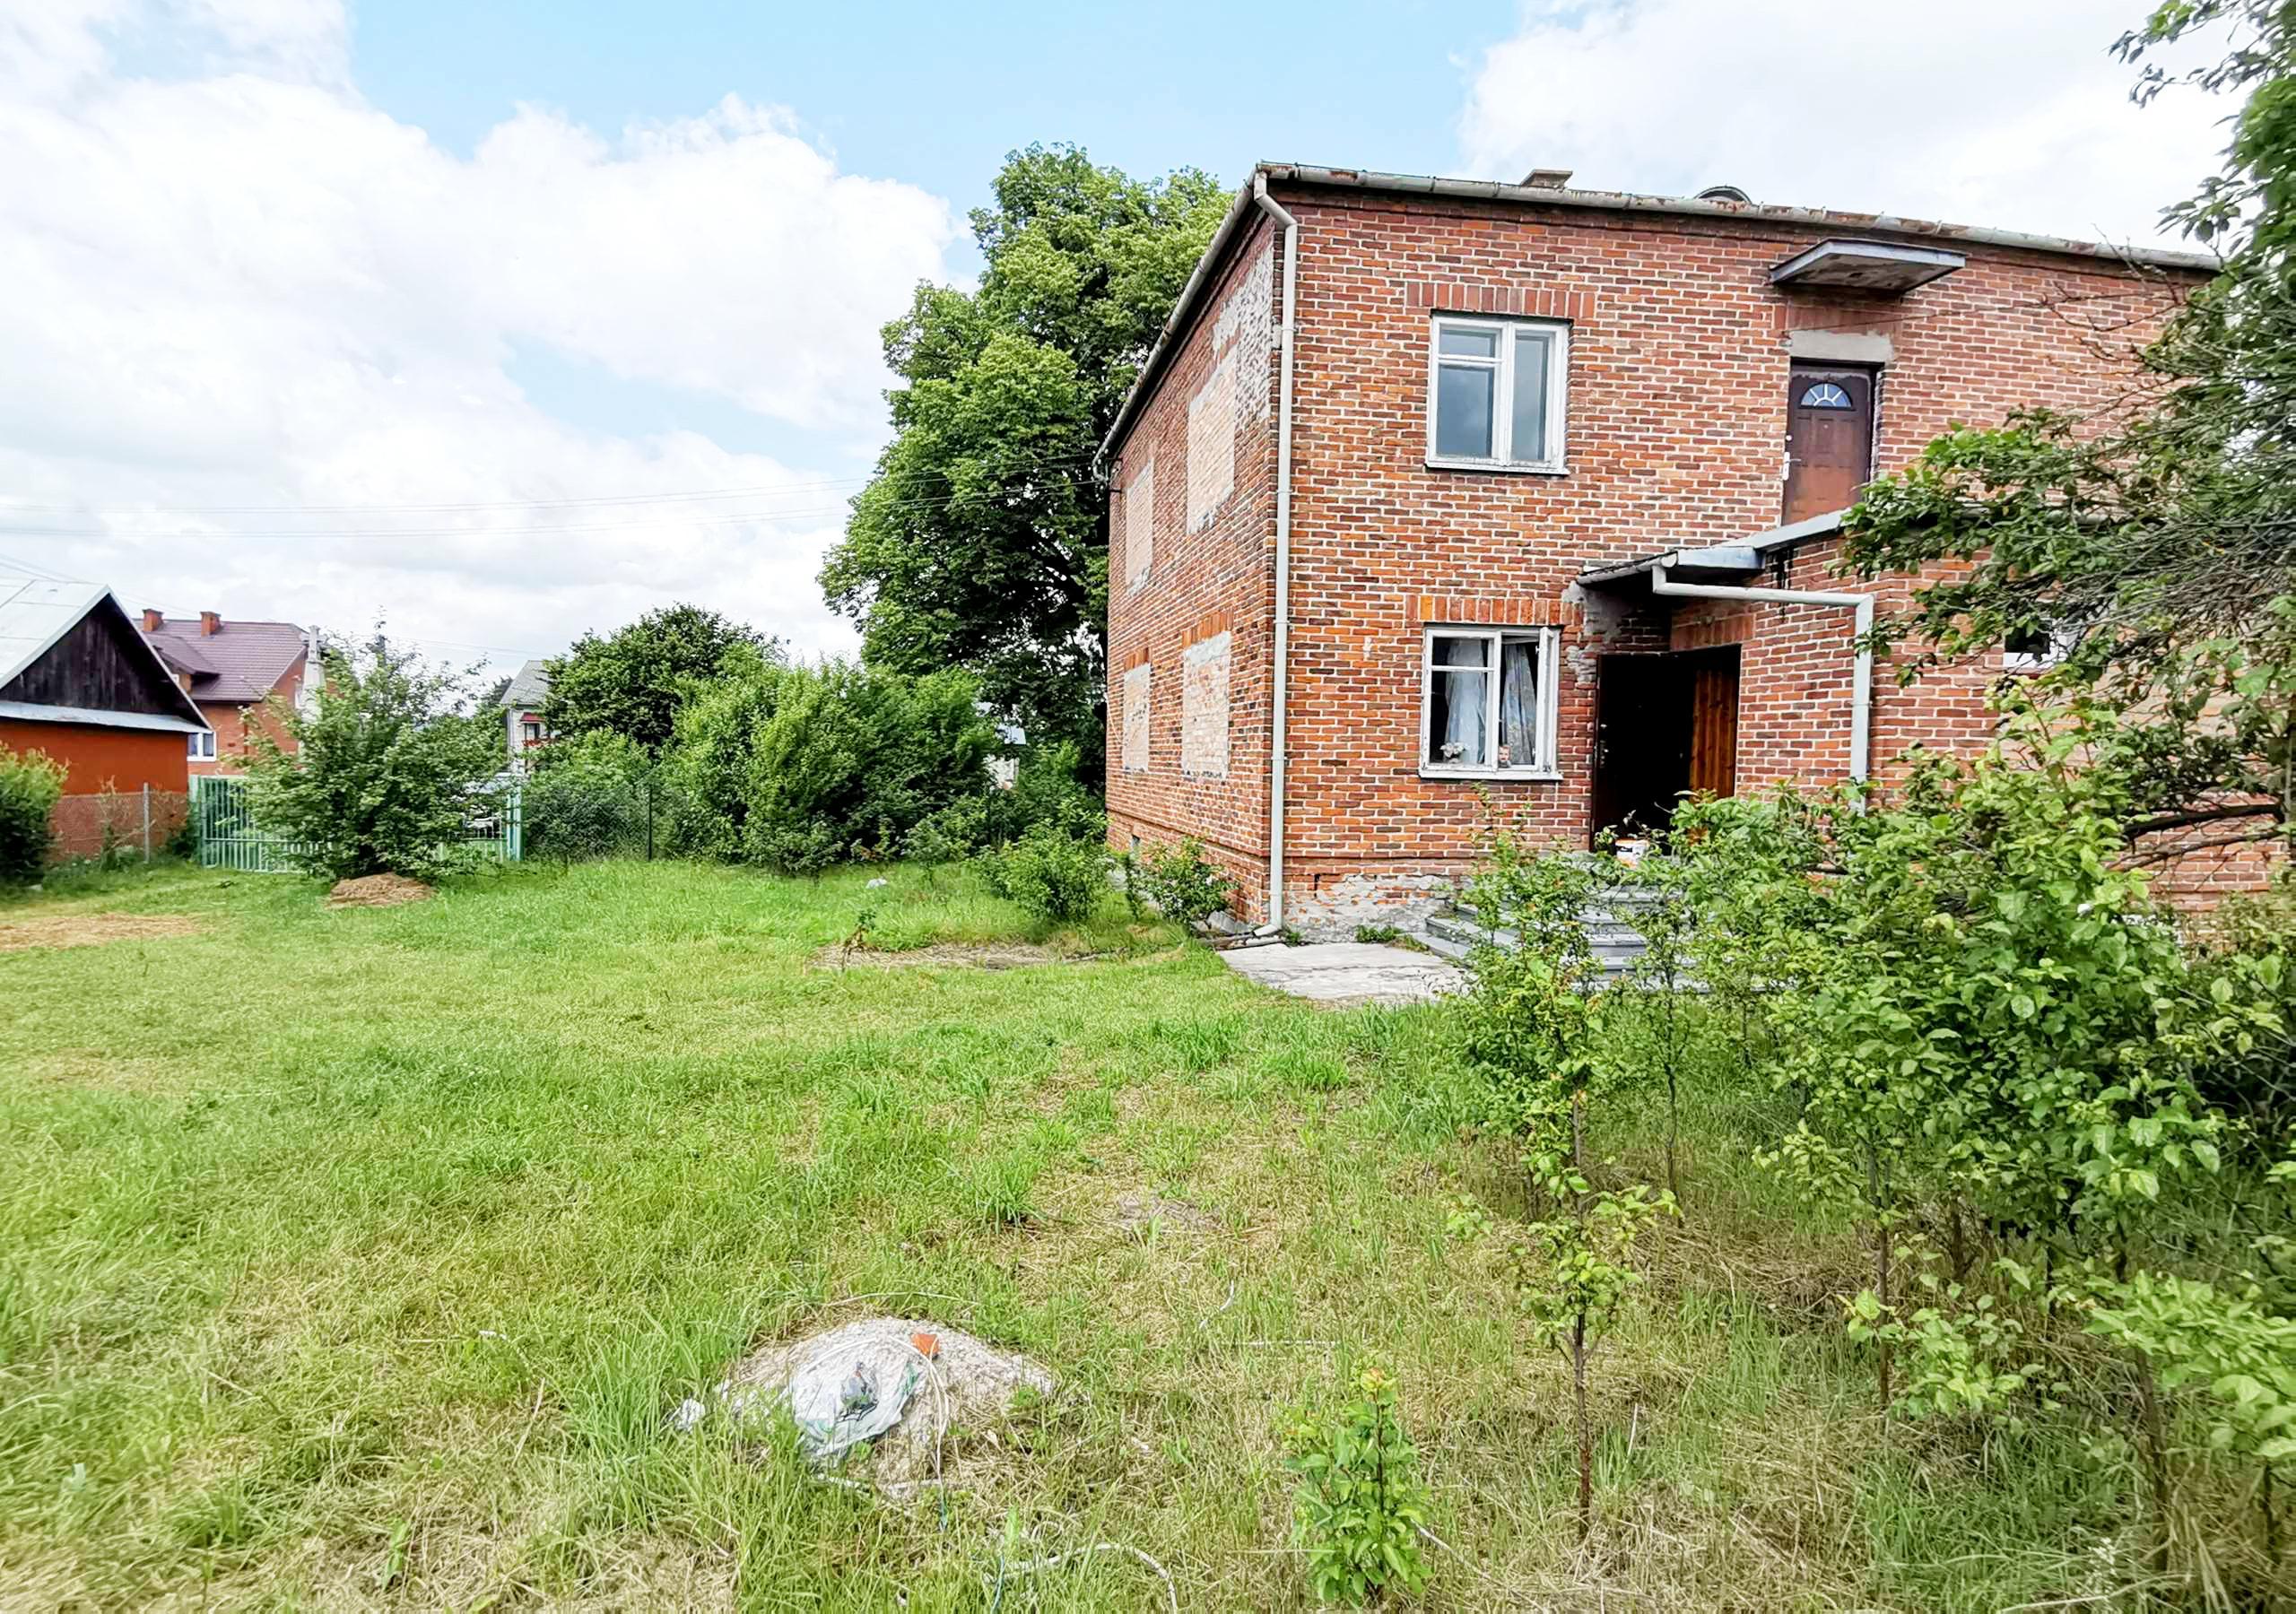 dom roztocze brody male - dom na sprzedaż - Krzysztof Górski Nieruchomości Zamość